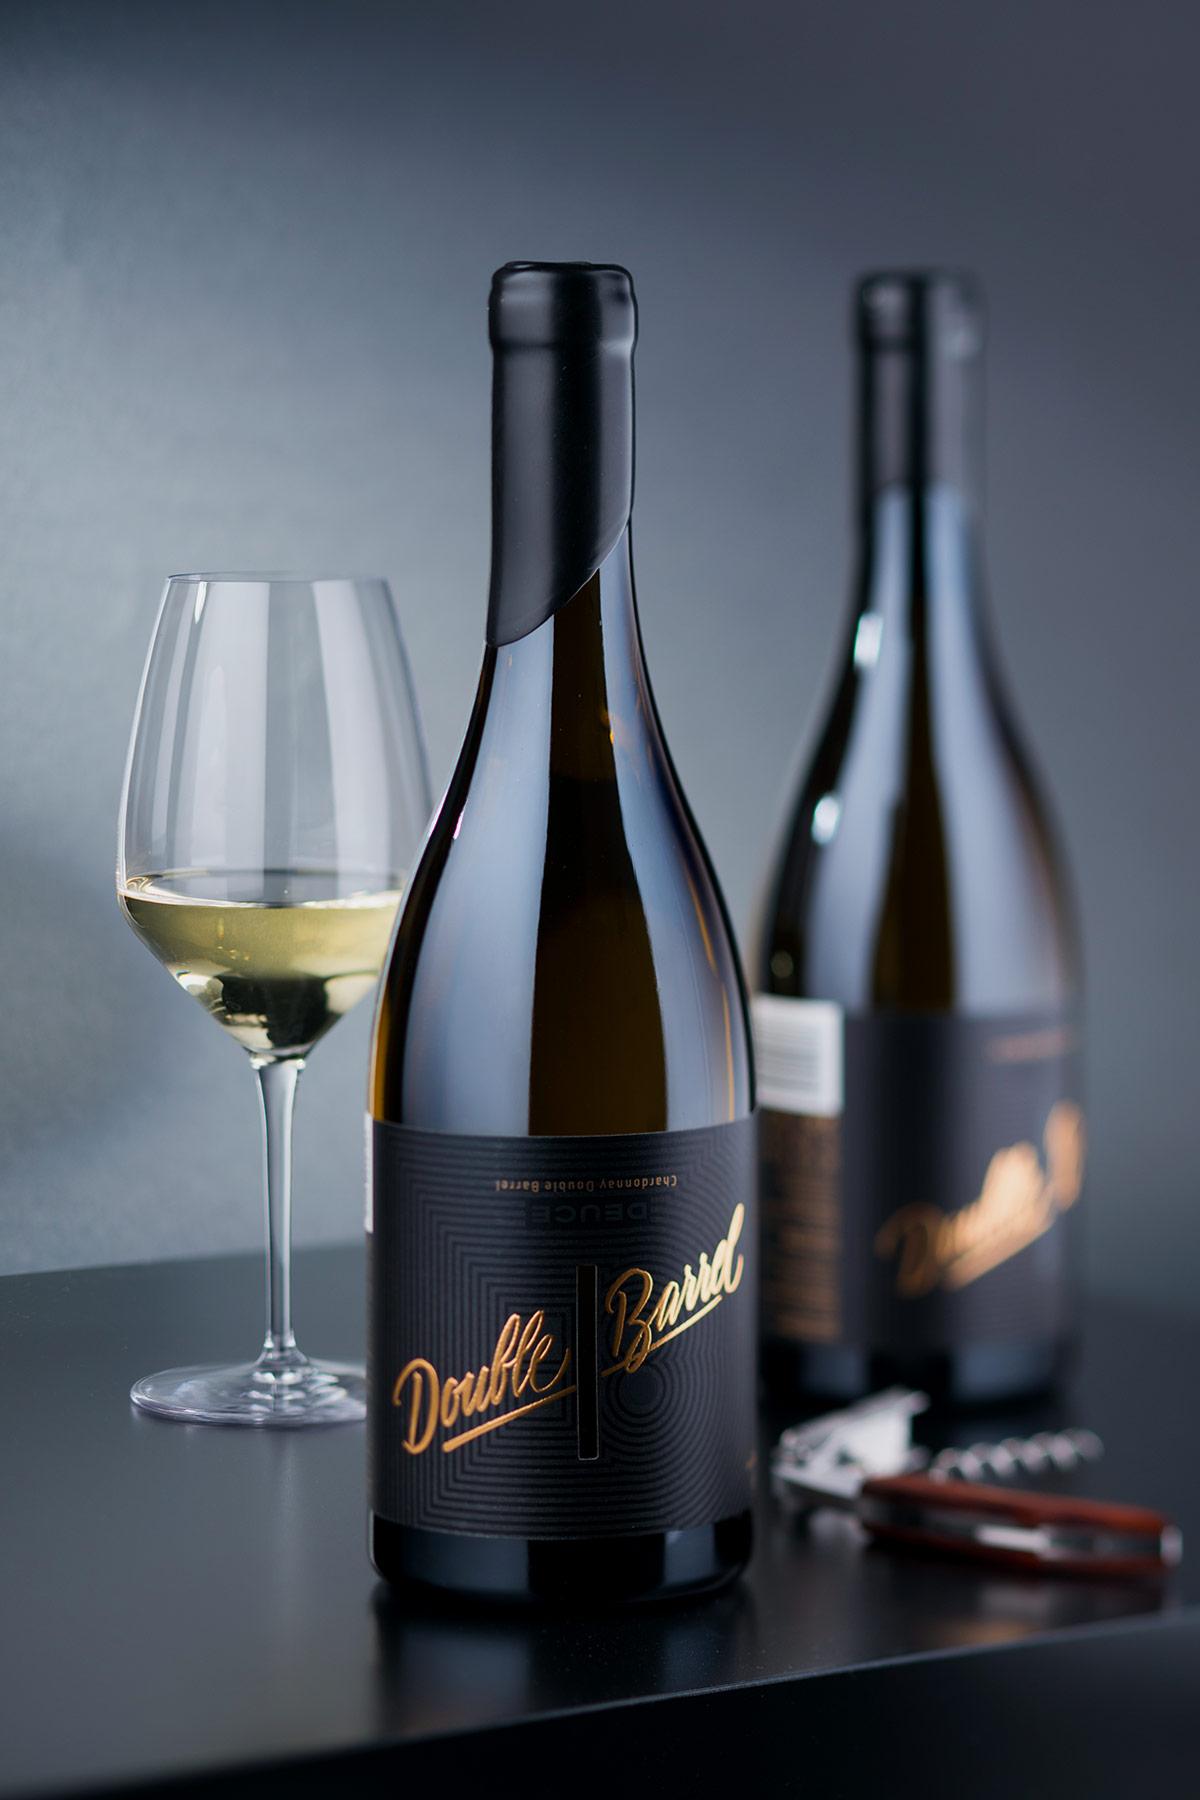 eccentric wine label